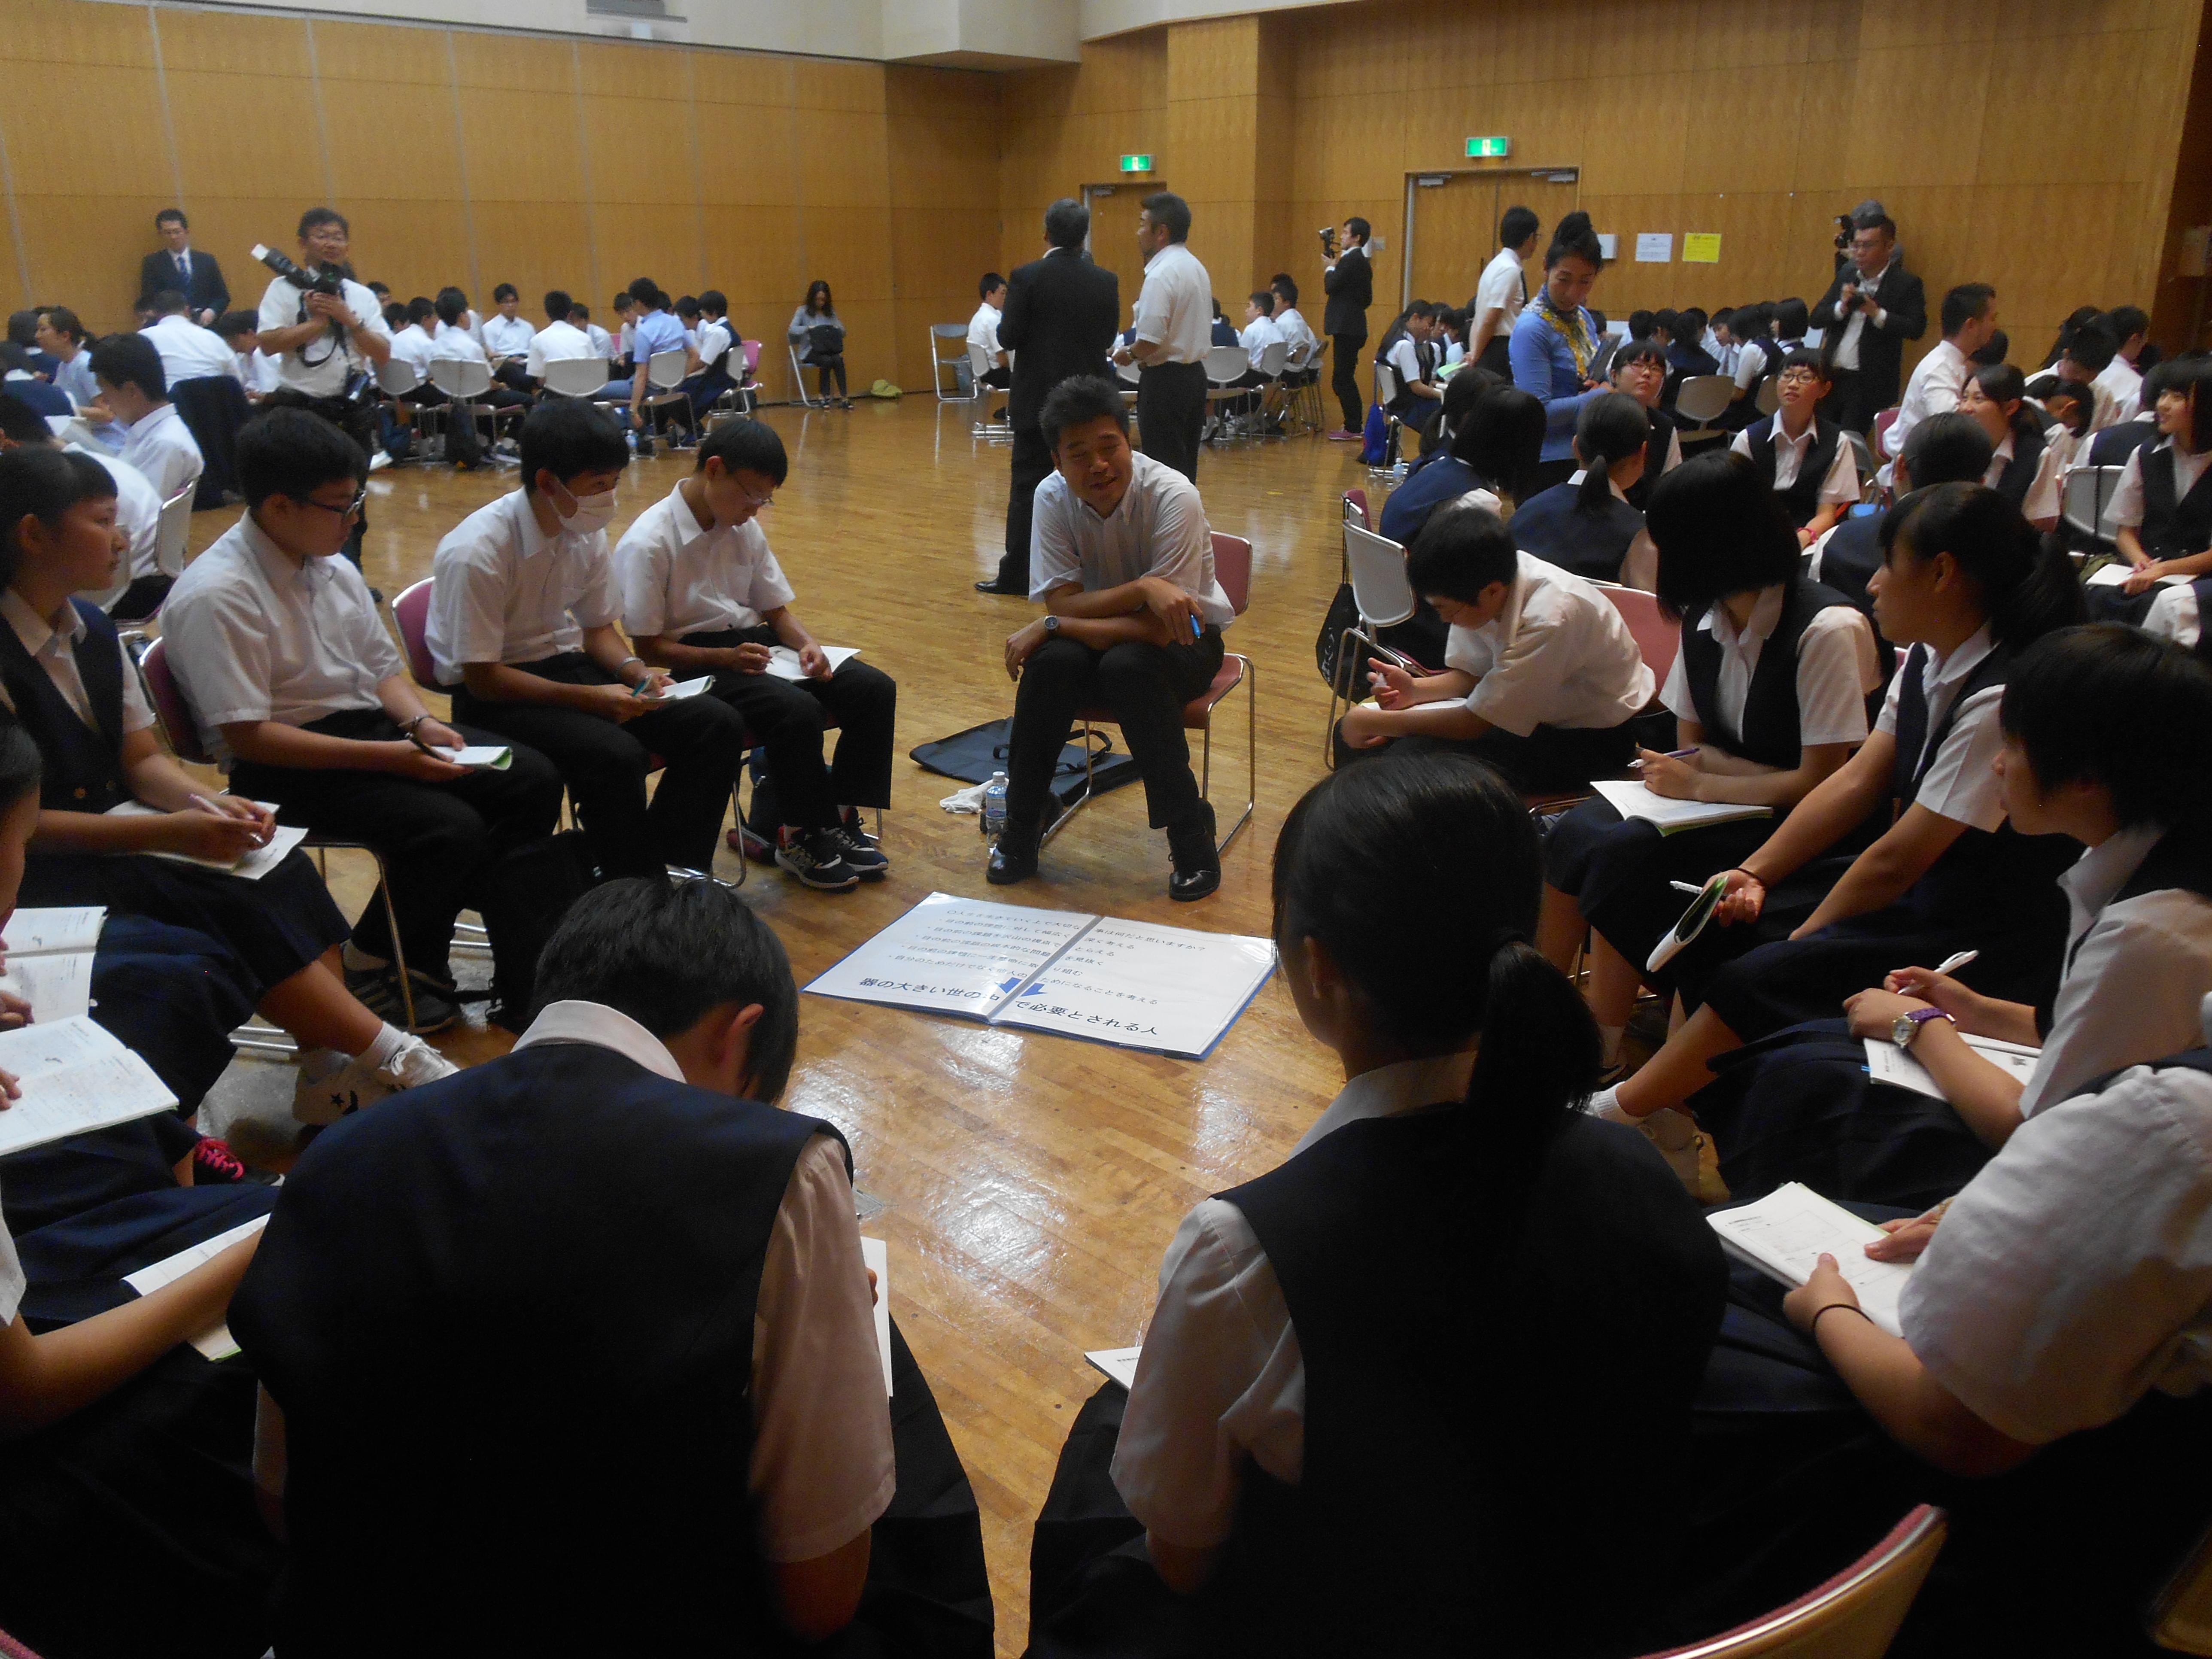 DSCN1790 - 2016年6月28日 青森市立甲田中学校アオスキフューチャーズゼミ開催